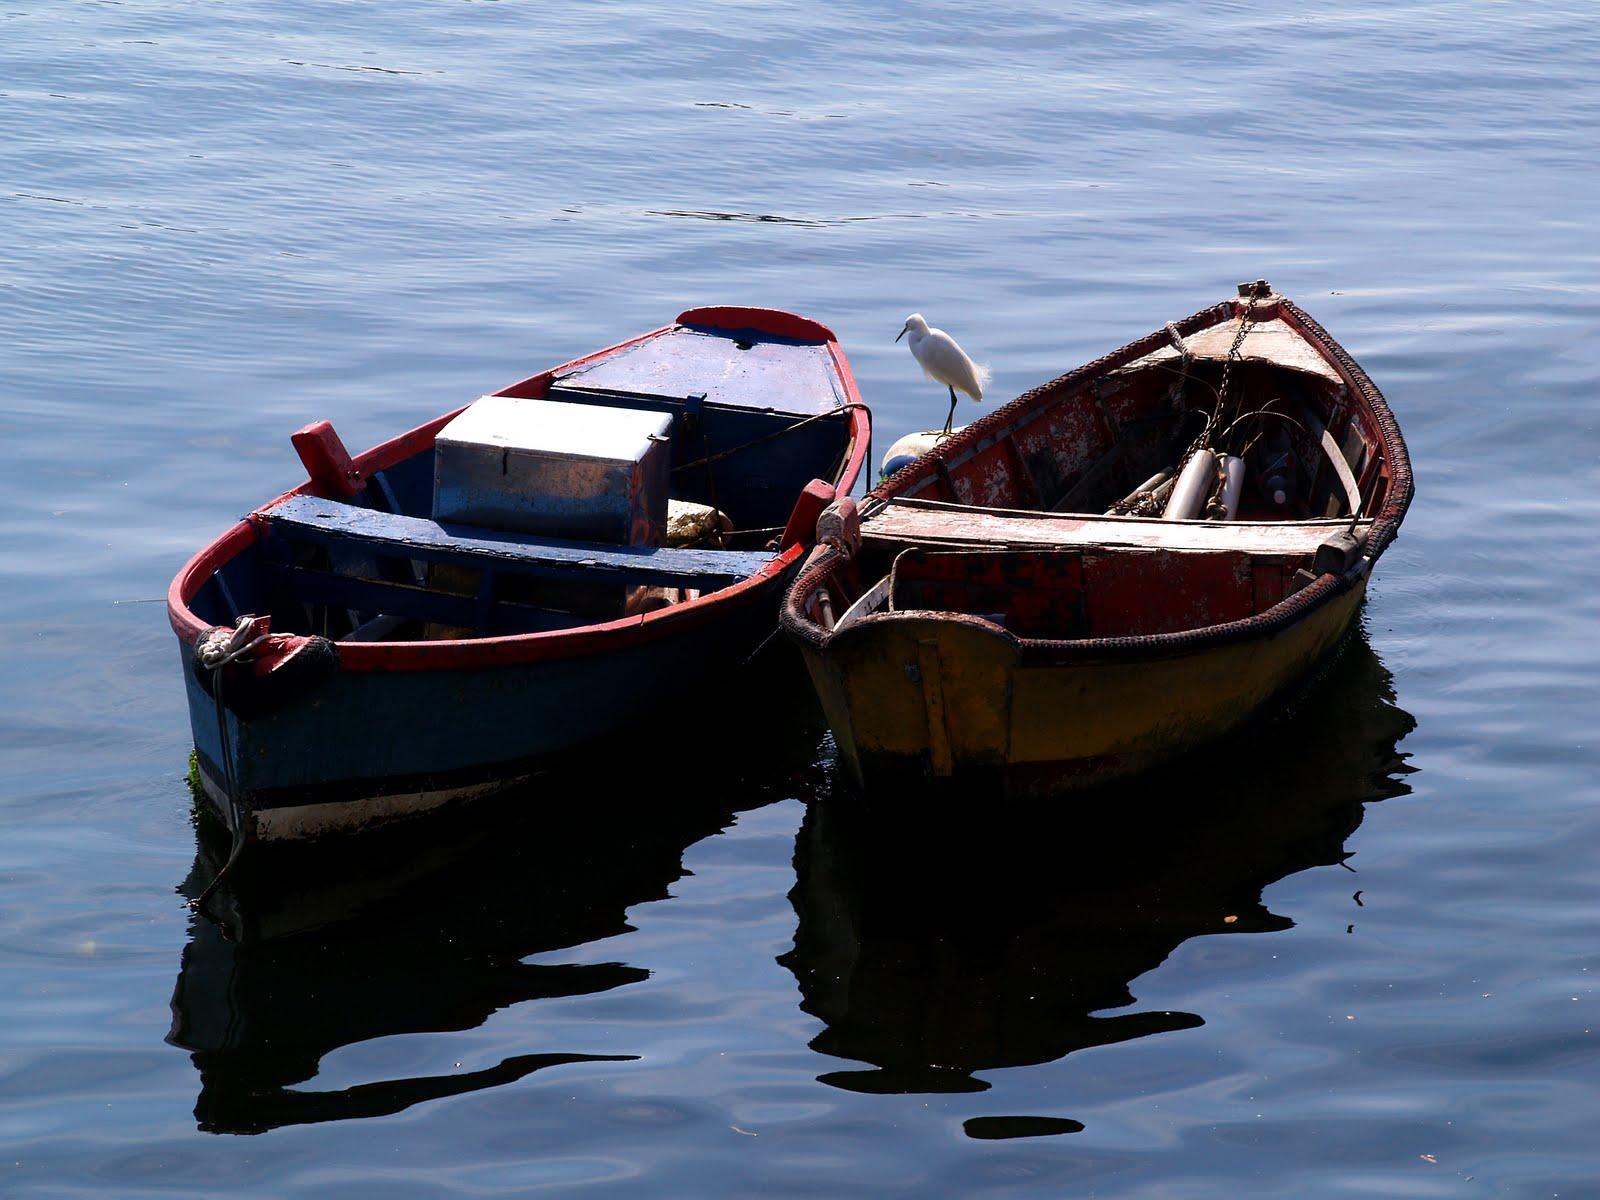 Confraria da poesia informal sobre barcos for Todo sobre barcos